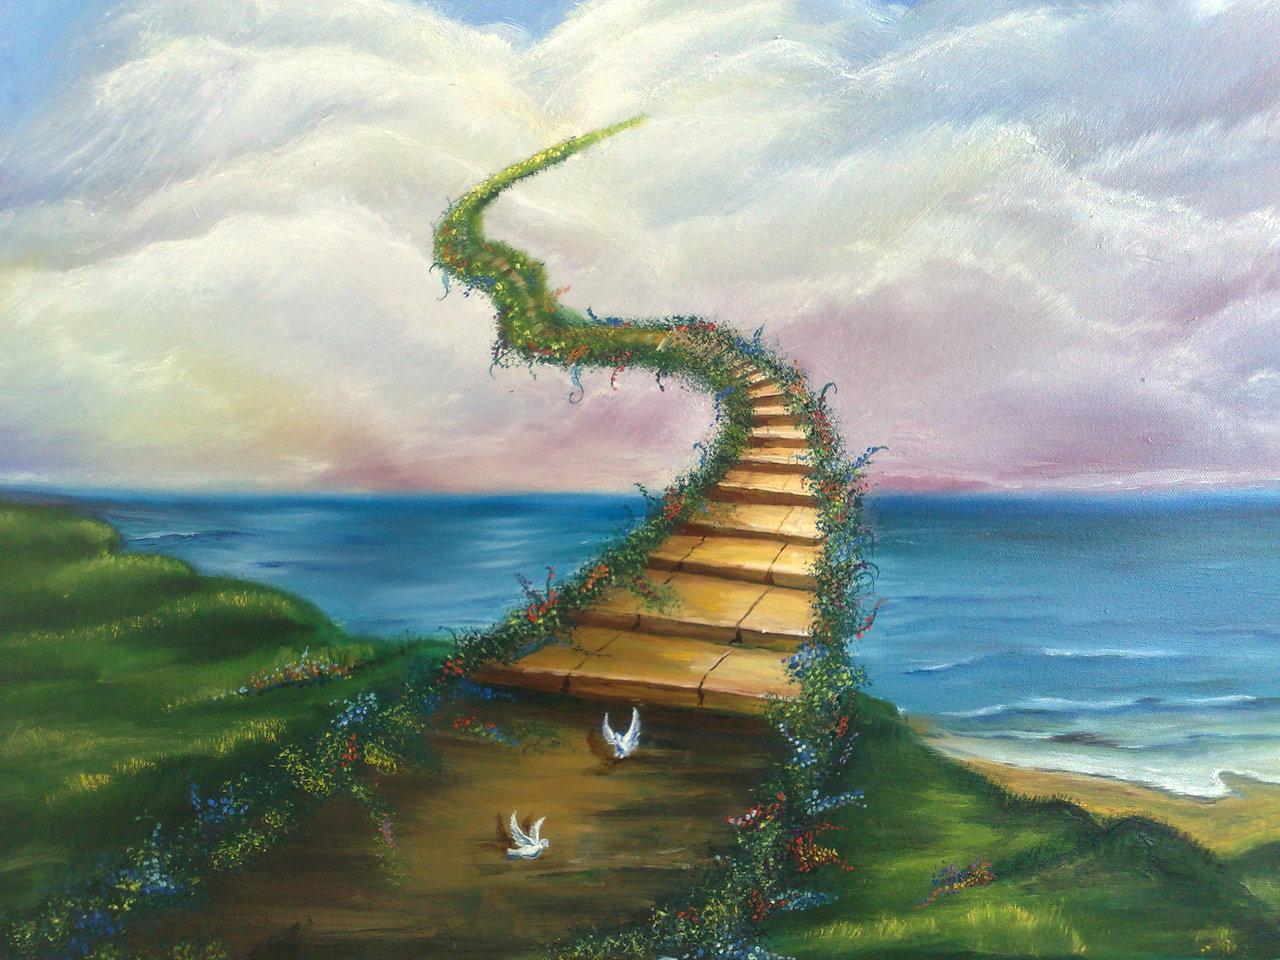 романец картинка по дороге в небеса такое расходный кассовый